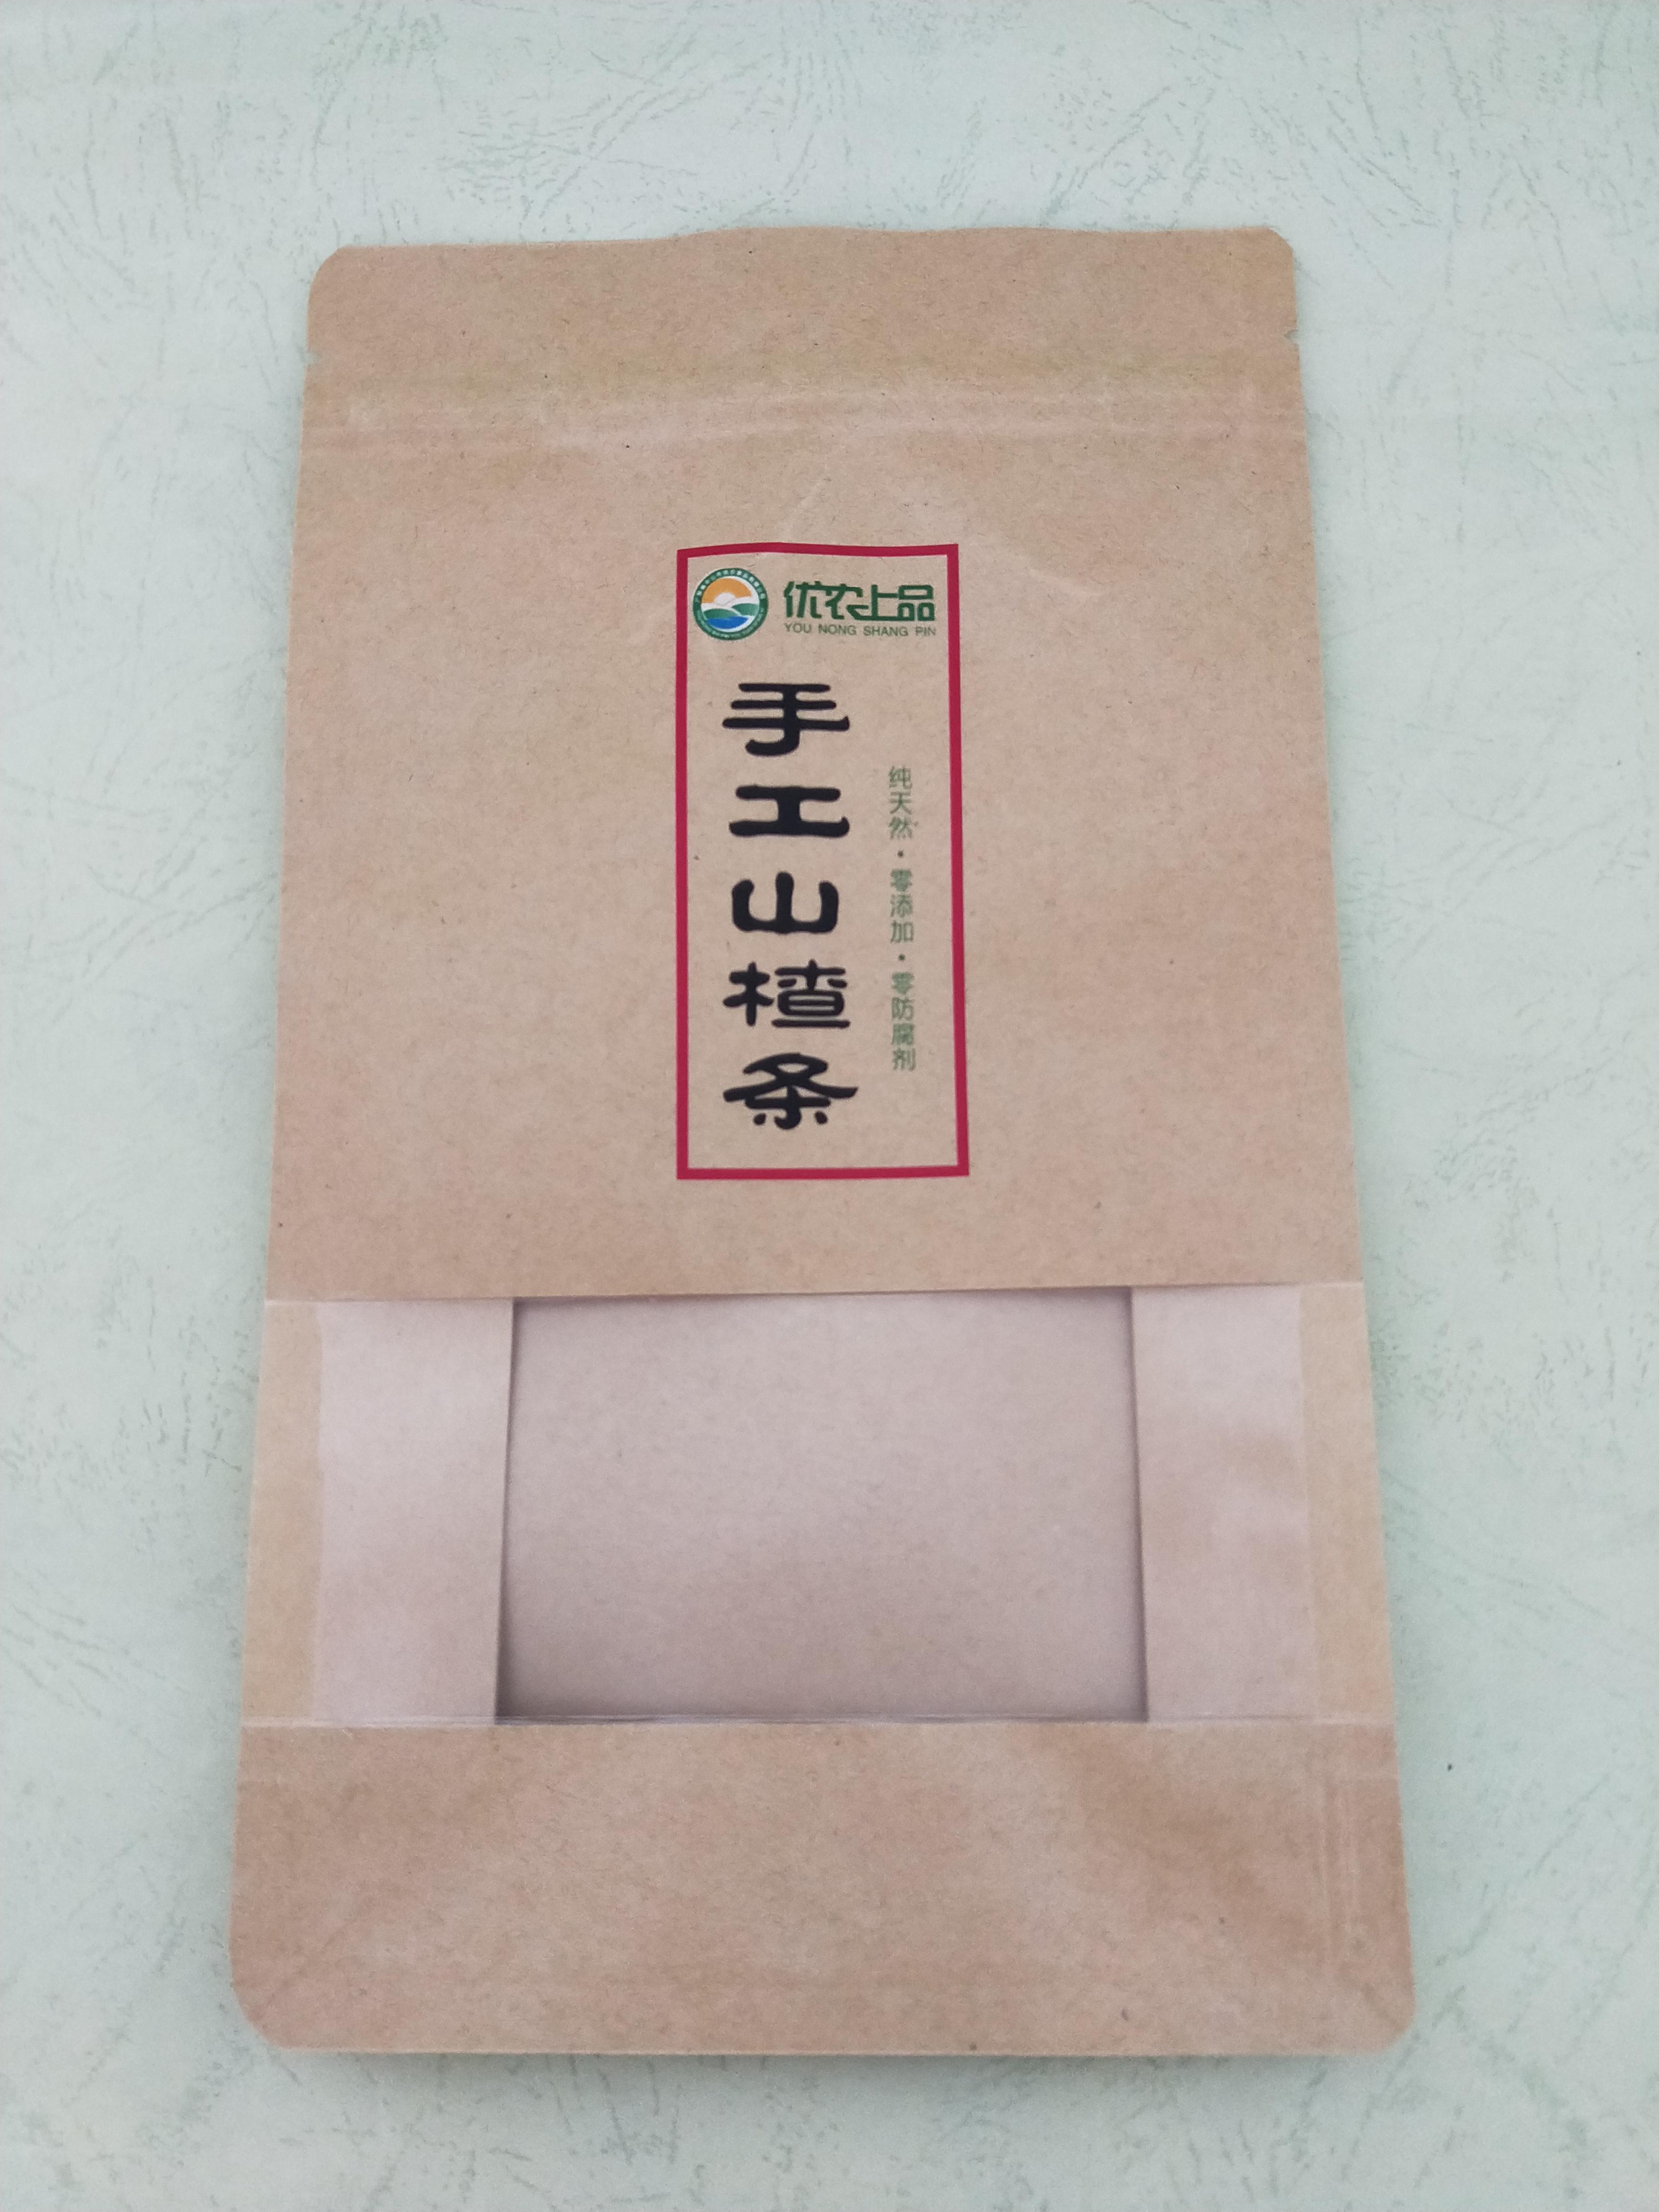 福建牛皮纸纯铝箔袋价格、批发、报价【潮州市潮安区金石恒星包装厂13539358594 】